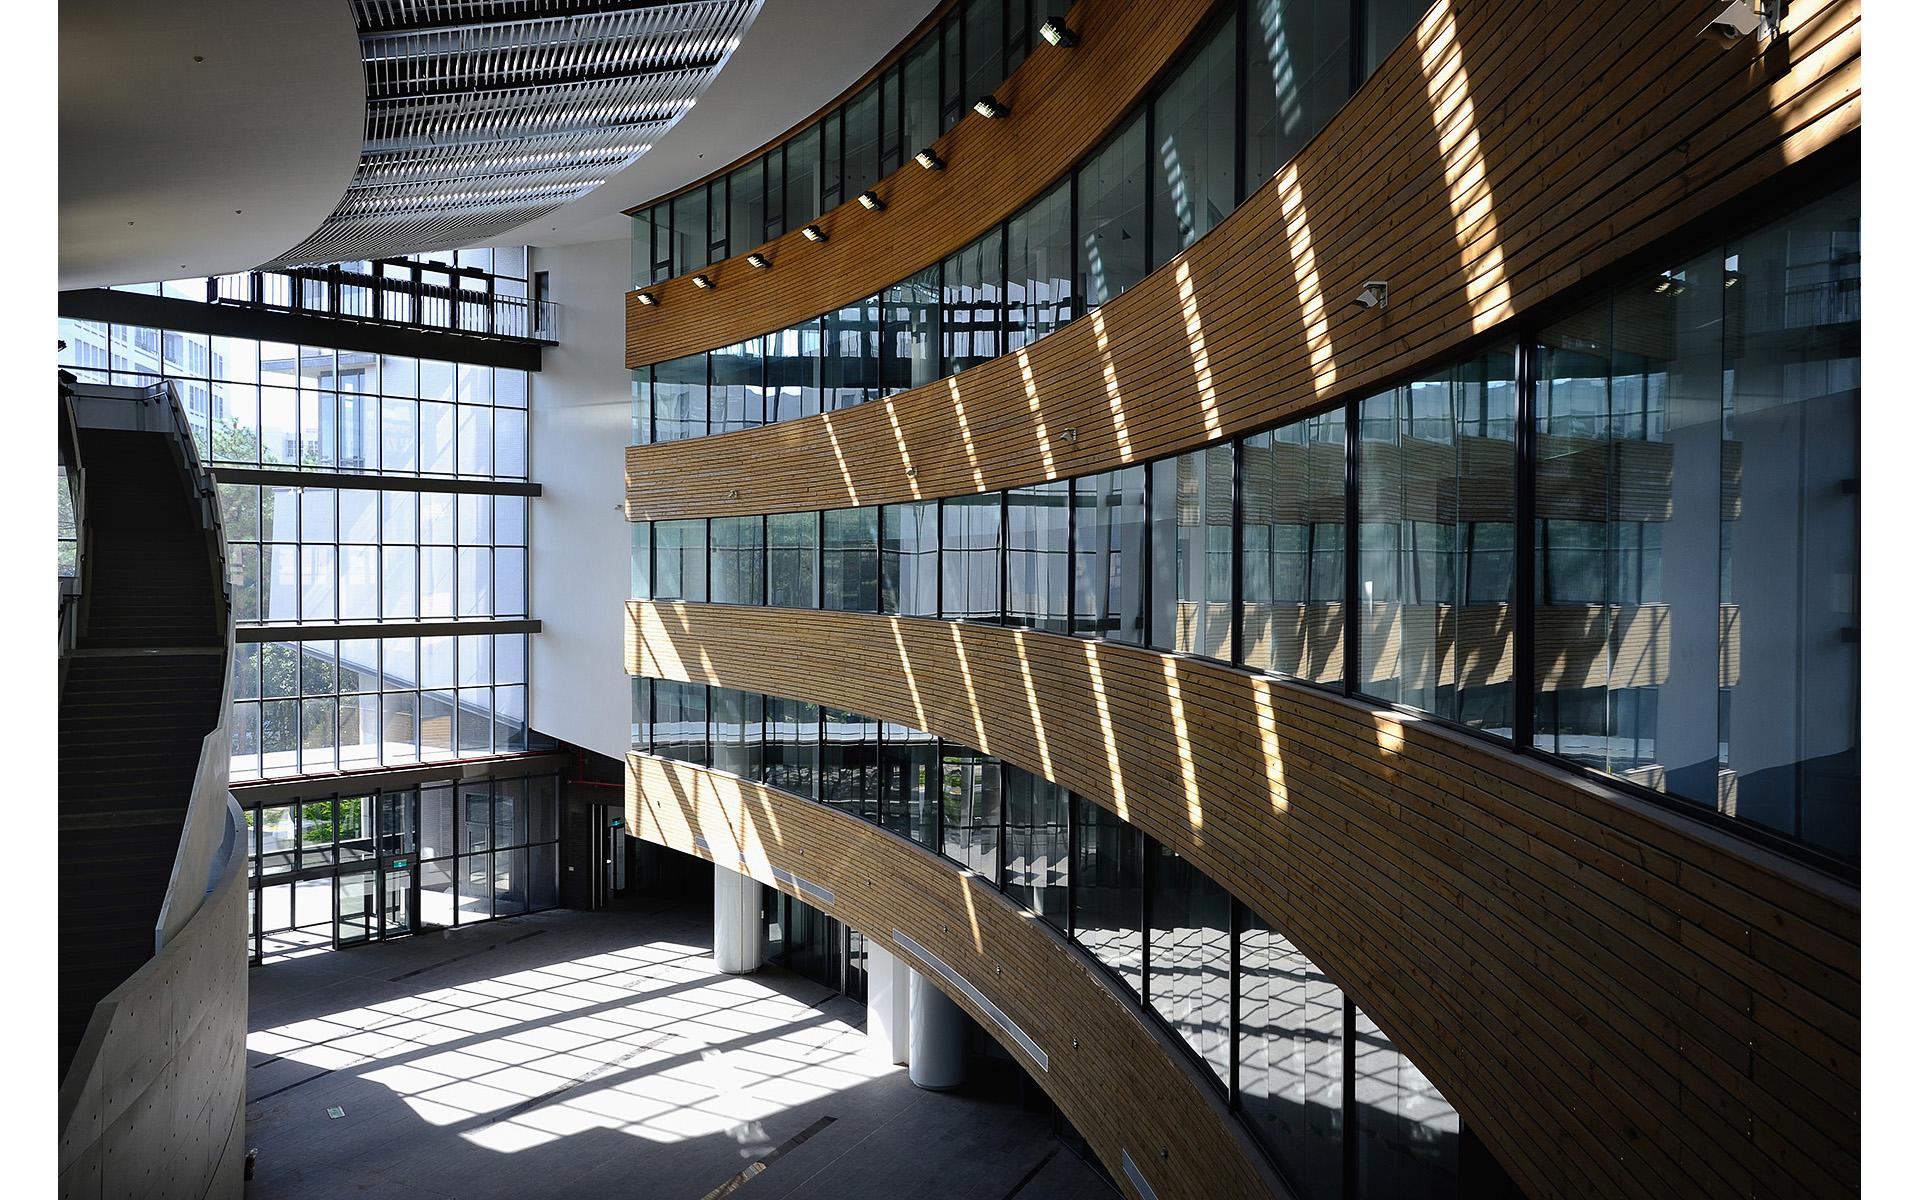 新竹清華大學學習資源中心